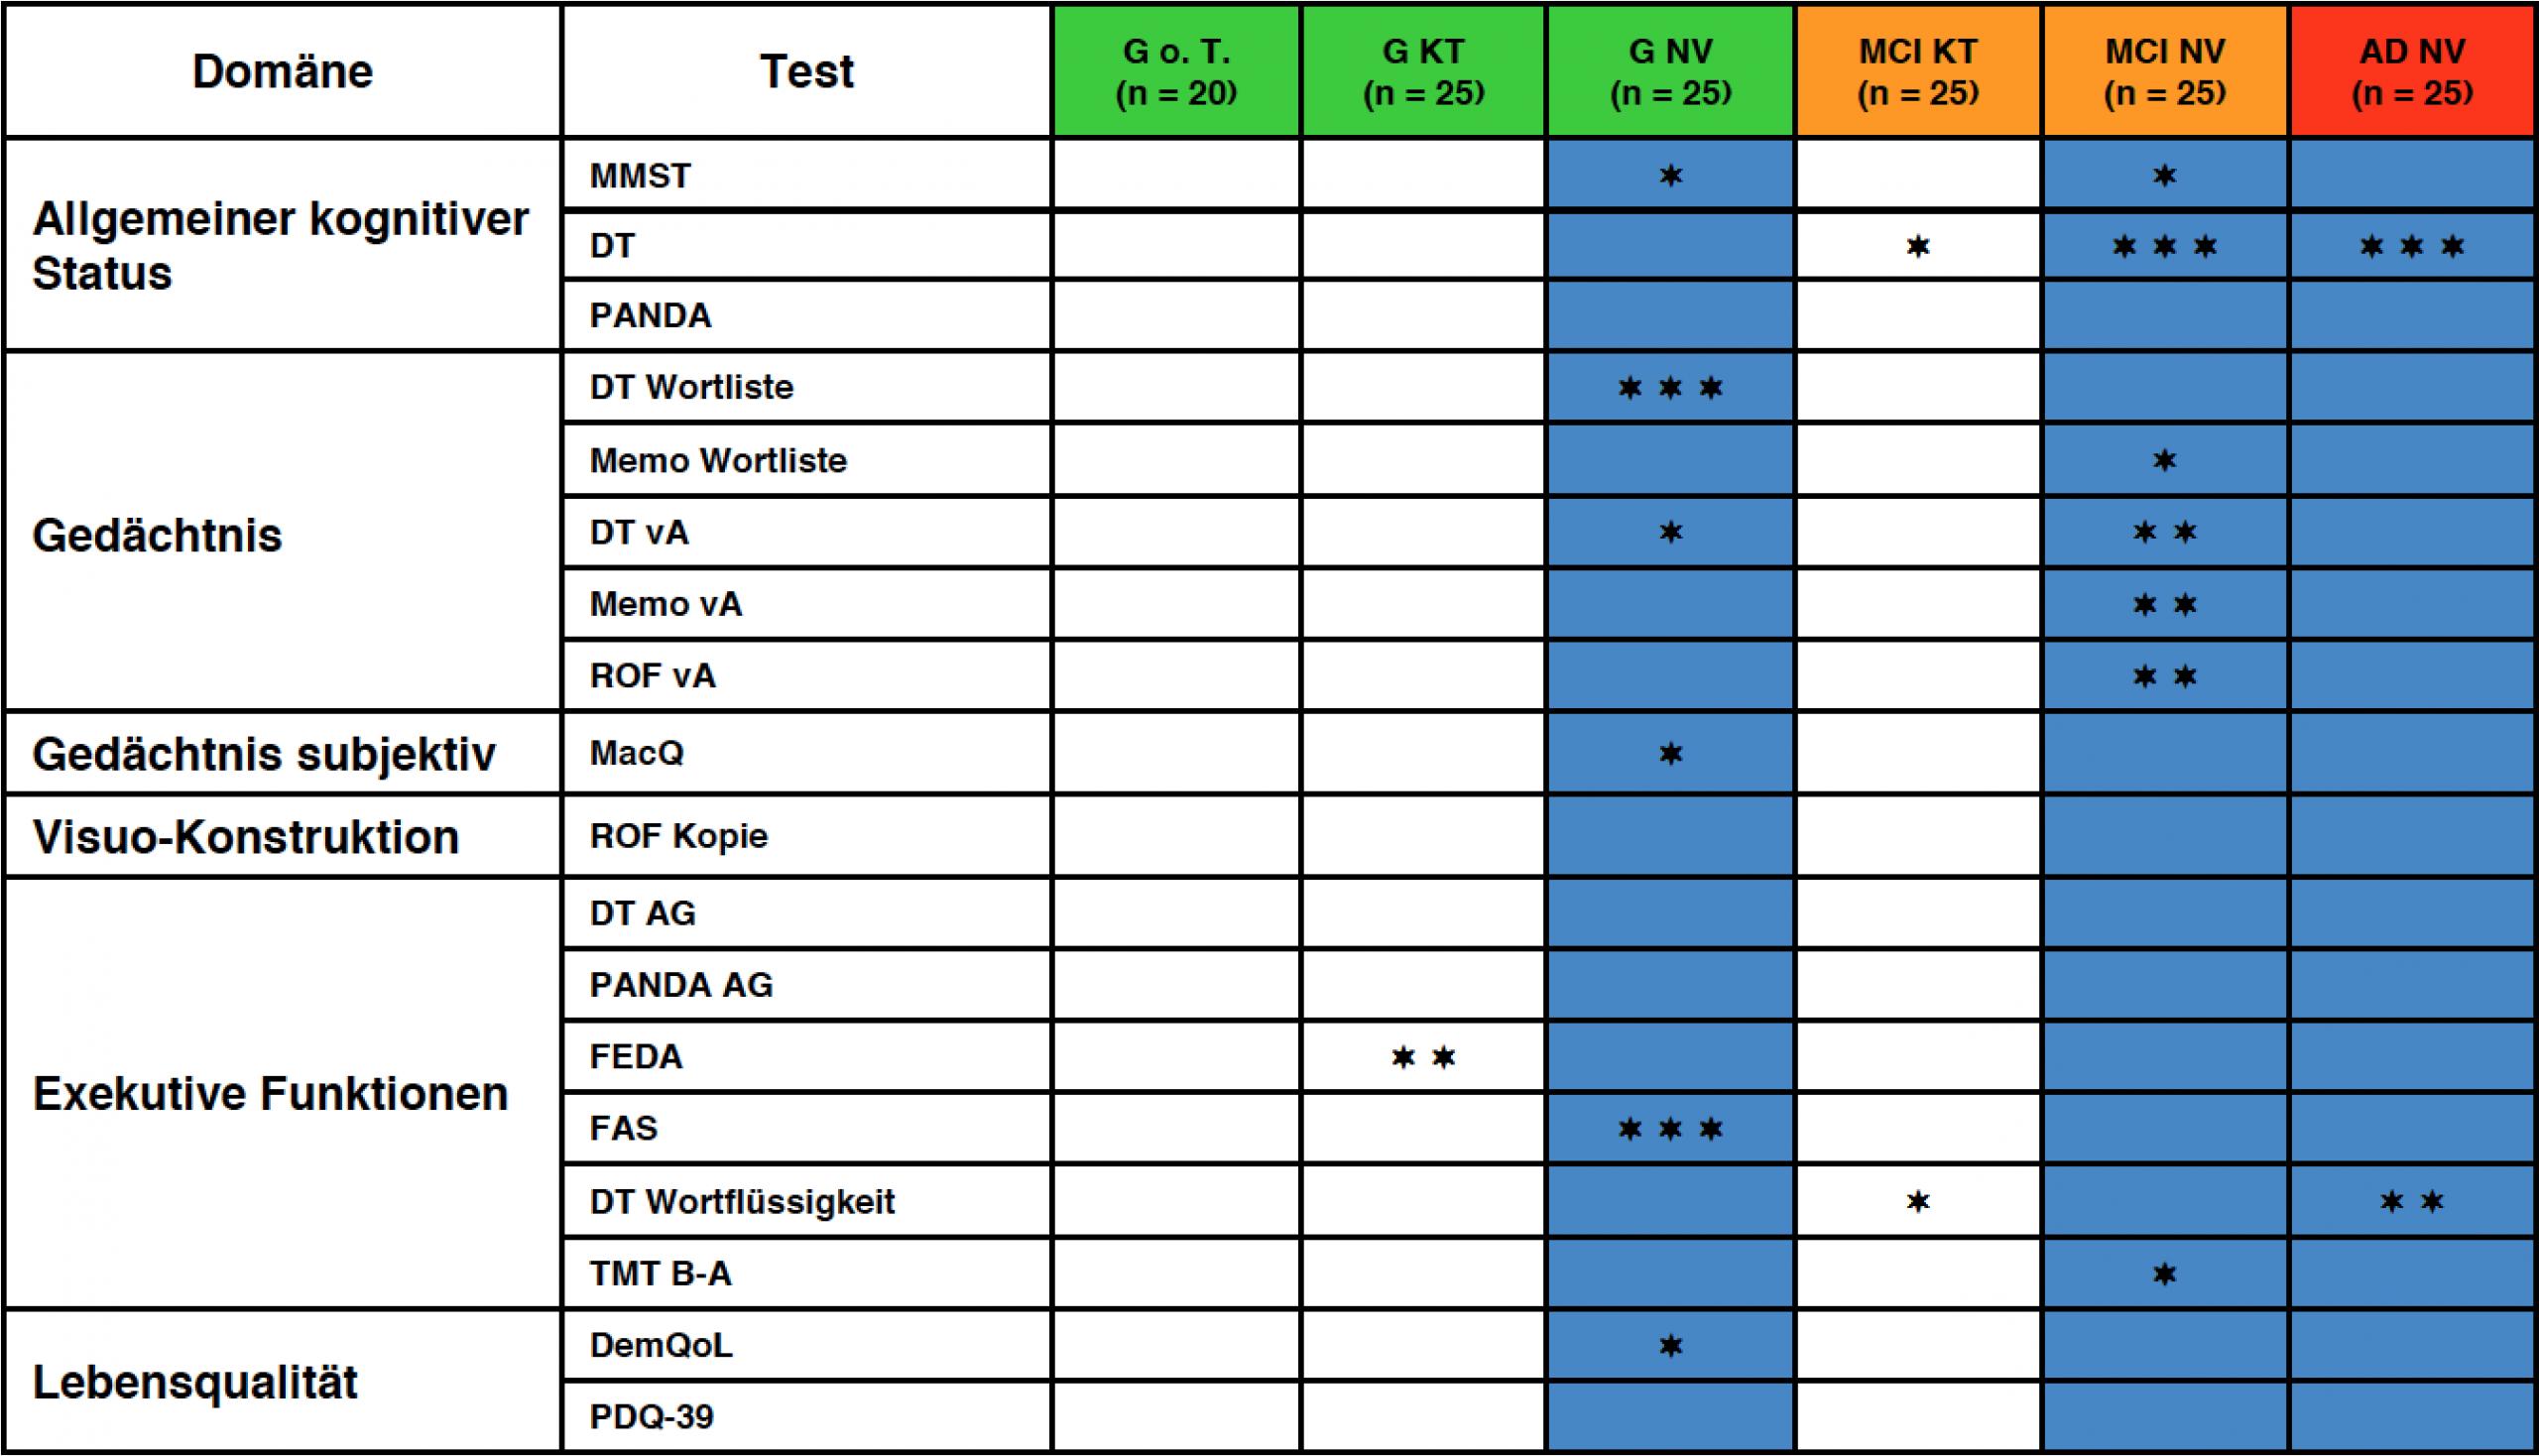 Tabelle mit Therapieeffekten NeuroVitalis